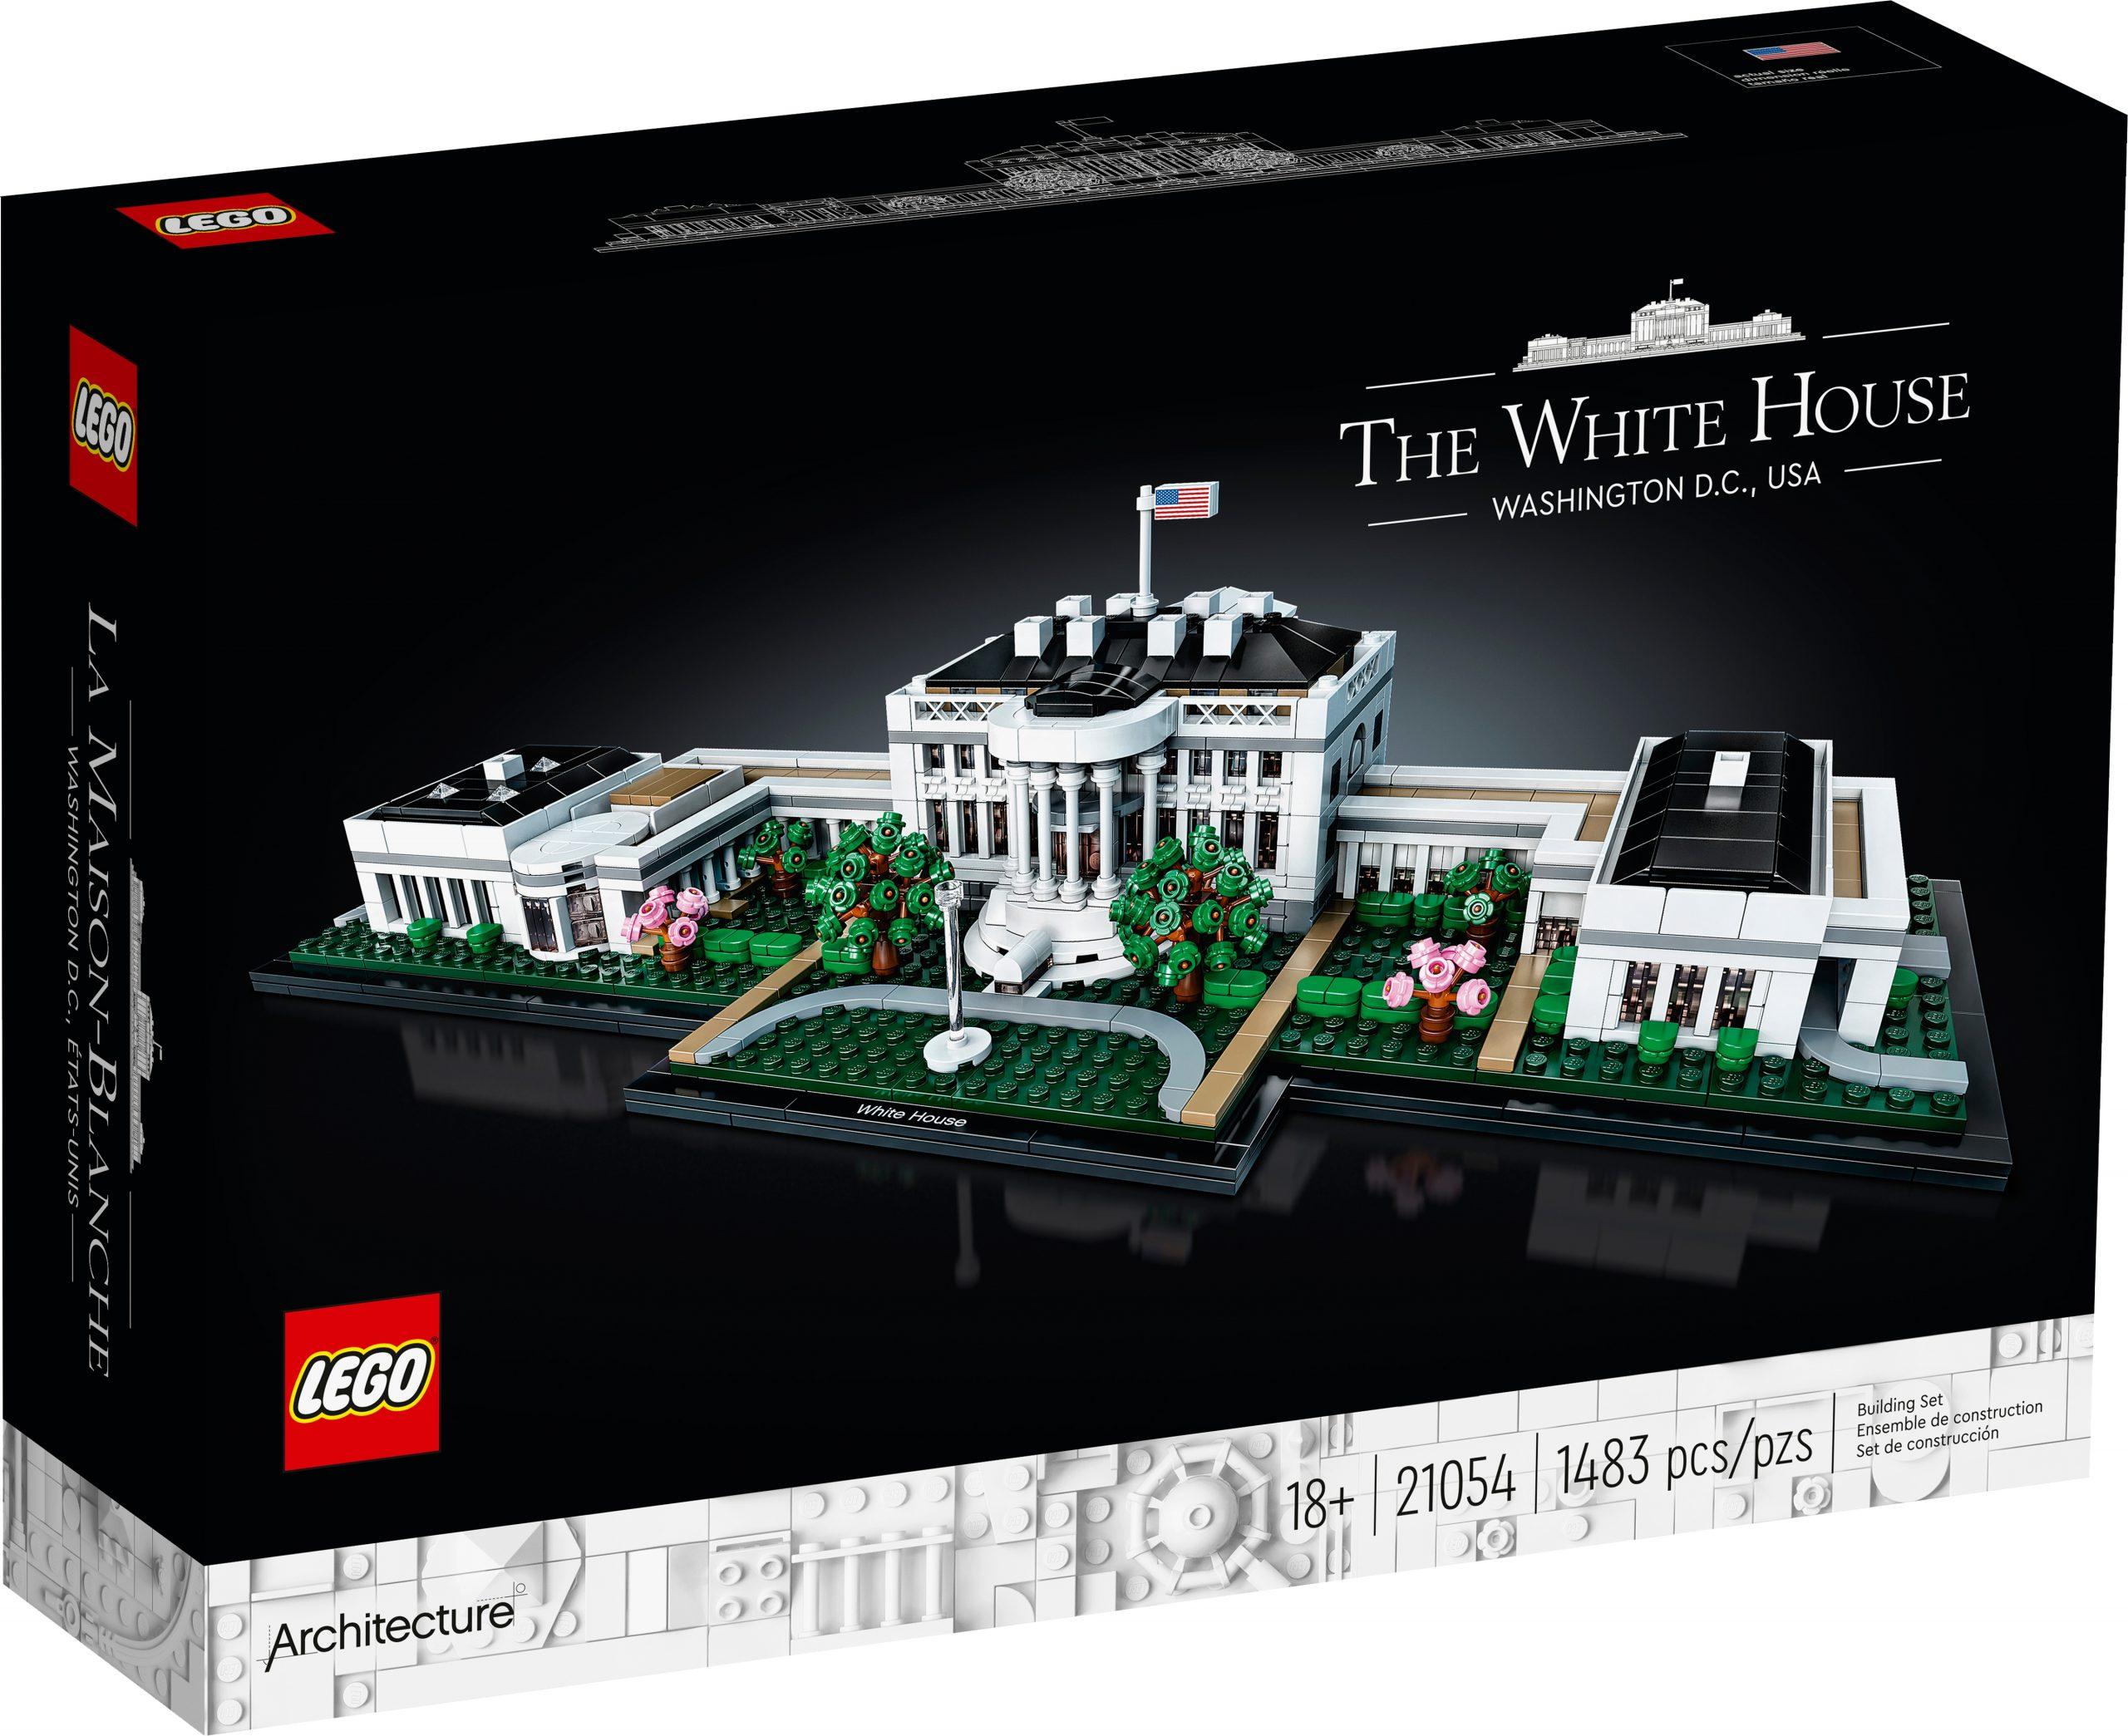 lego 21054 the white house scaled